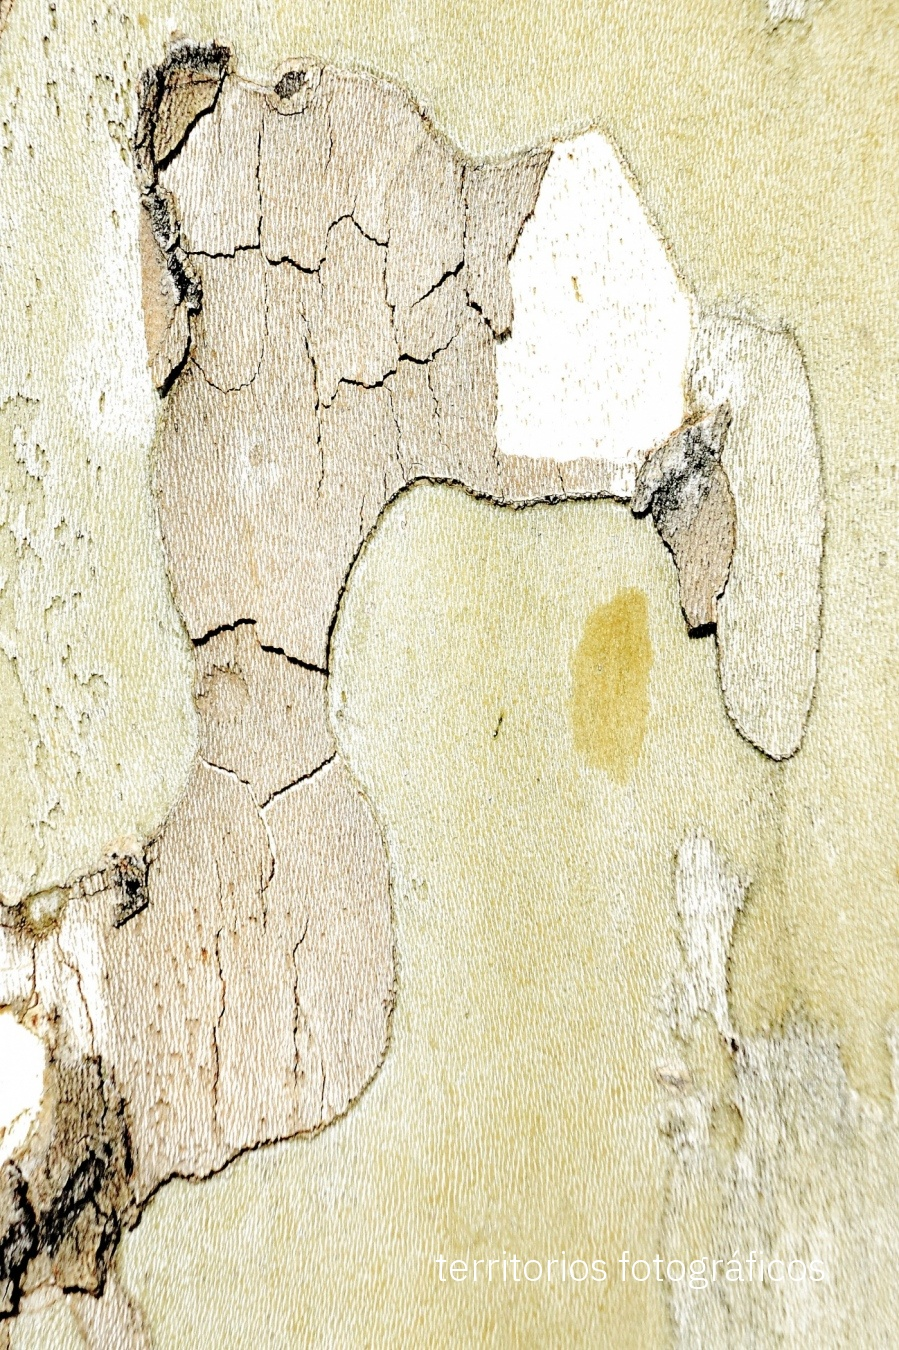 pavo - pareidolias - territorios fotográficos